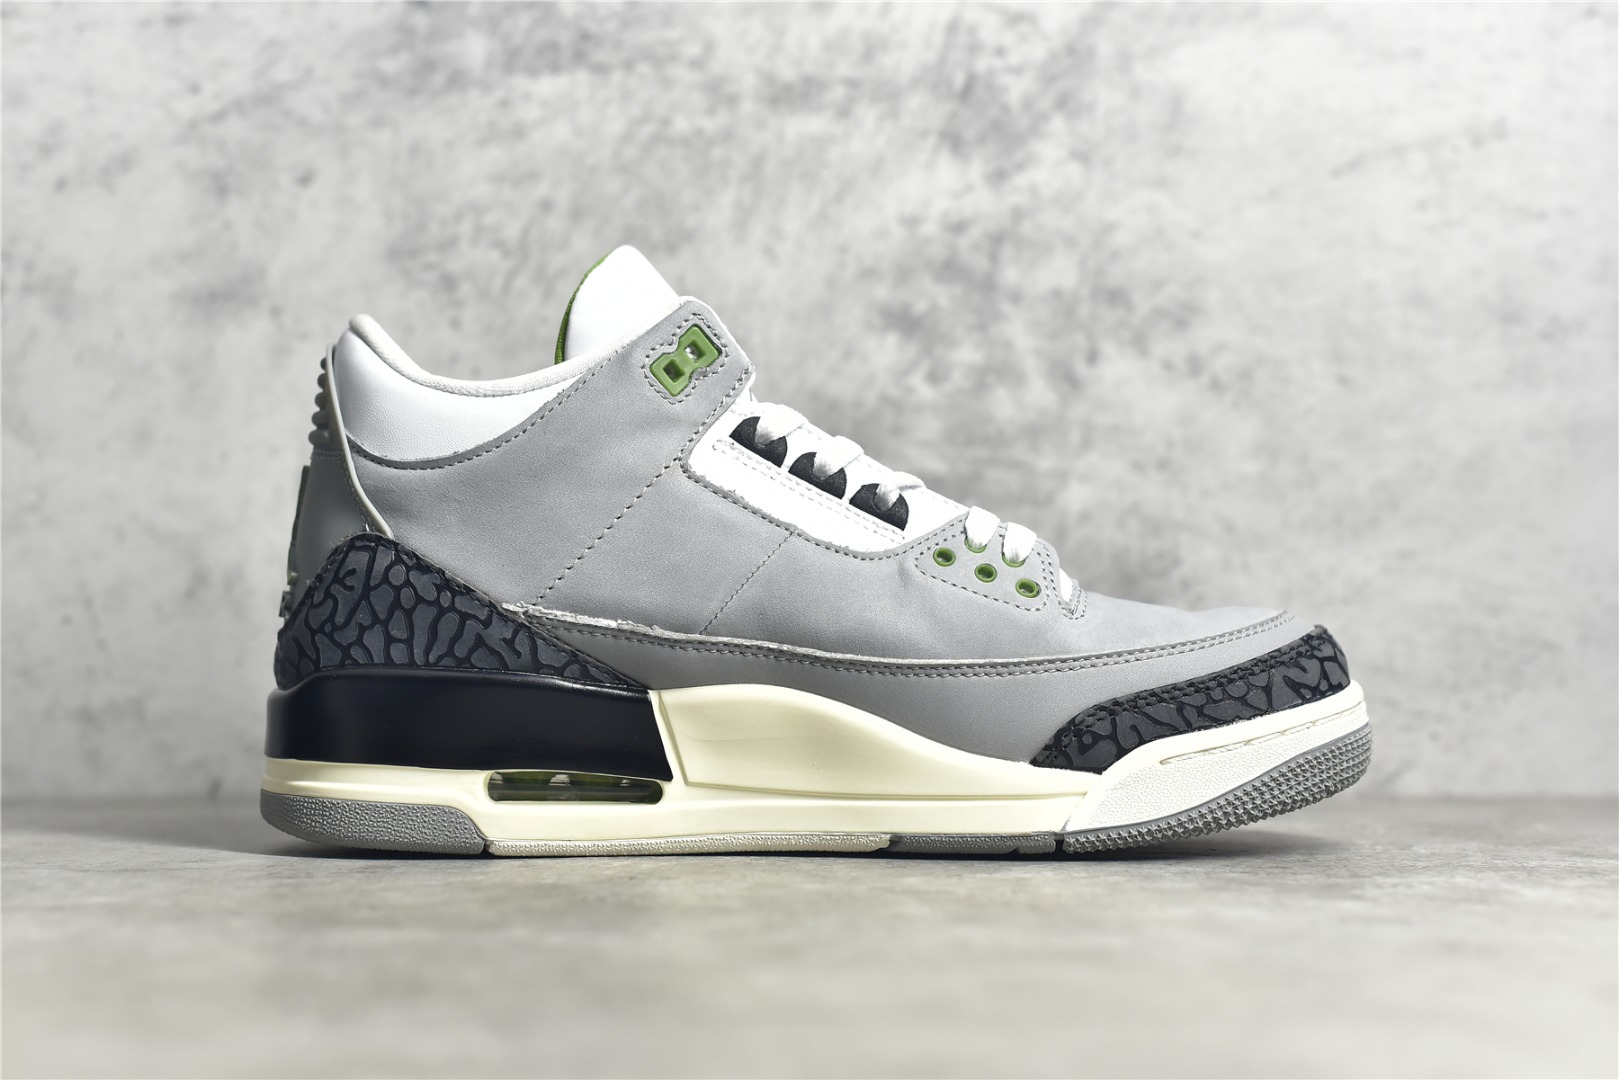 AJ3叶绿素实战篮球鞋 Air Jordan 3 Retro